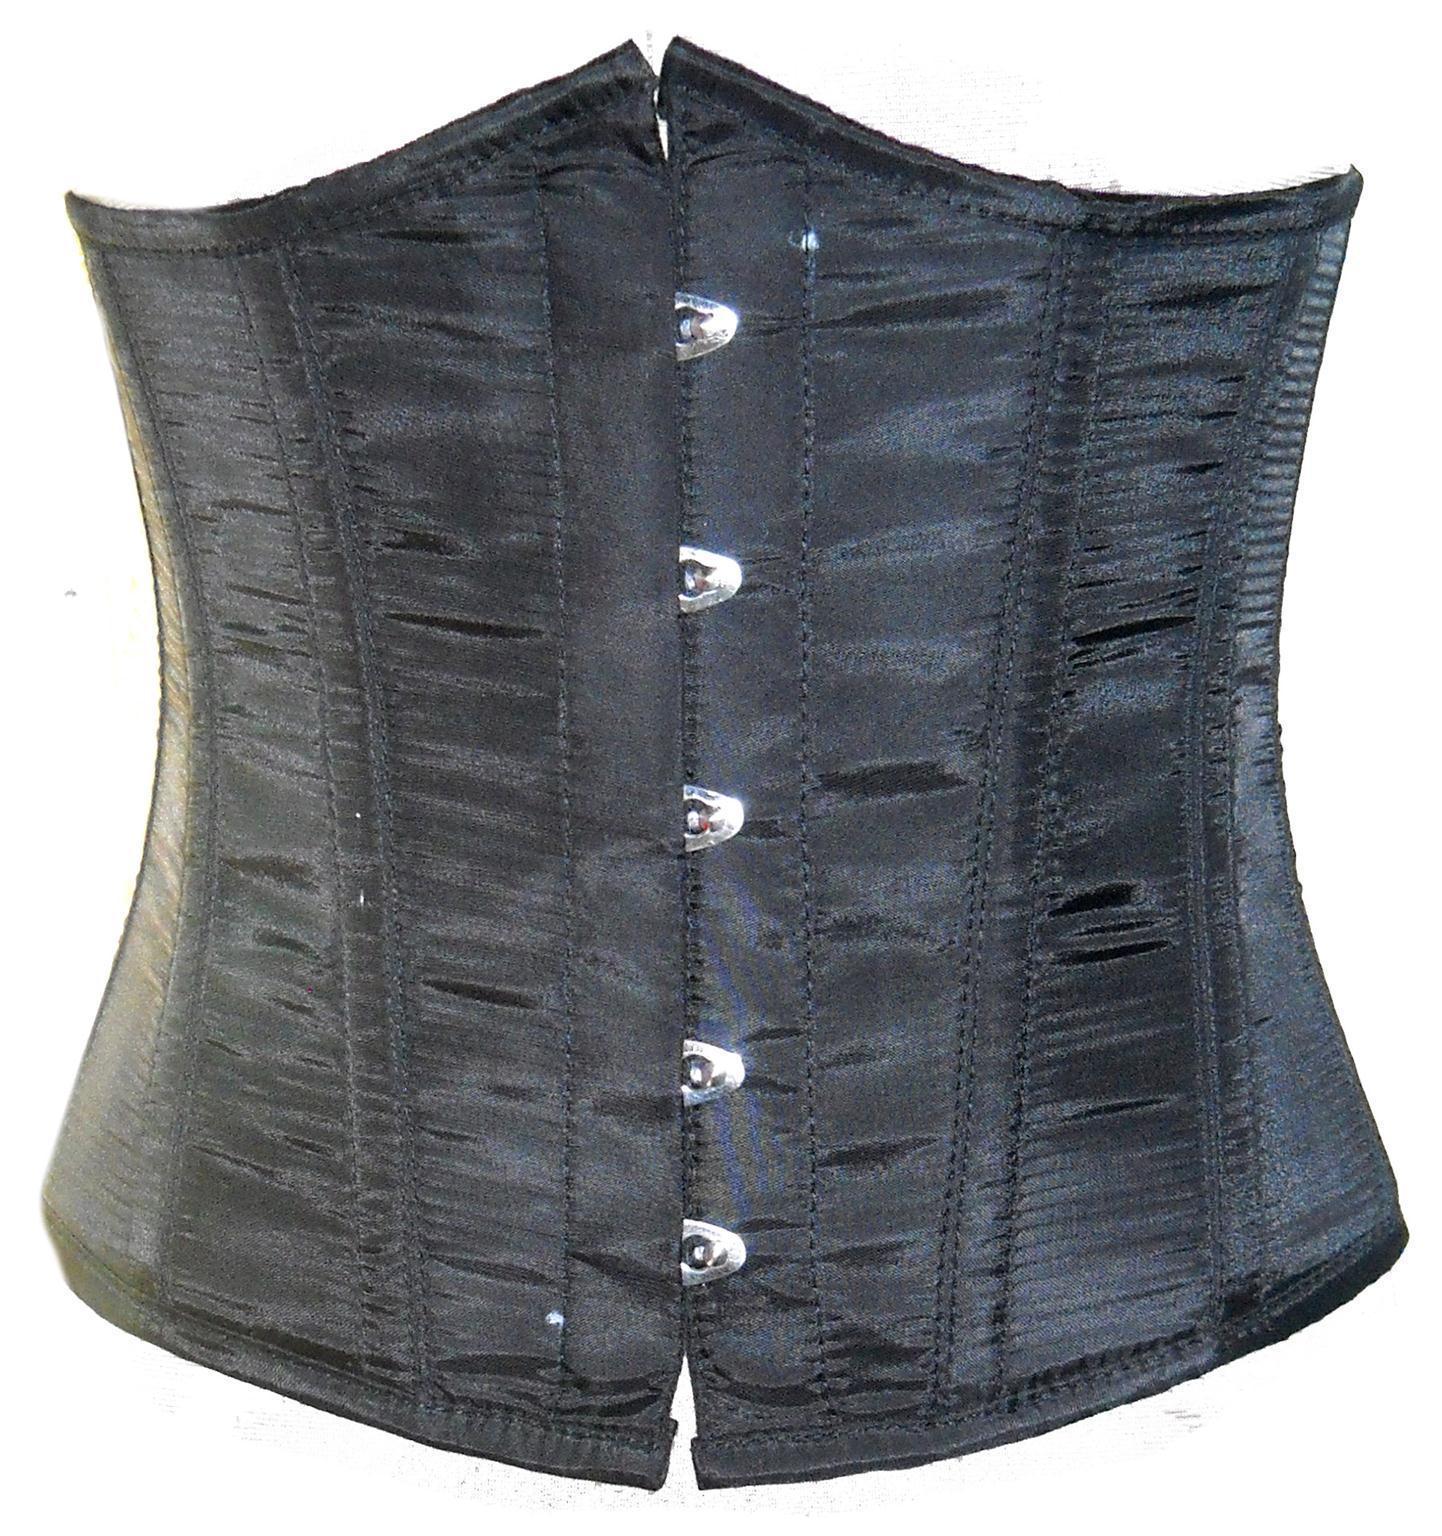 Black Poly Tapta Fabric Front Open Busk Waist Cincher Women Underbust Corset Top